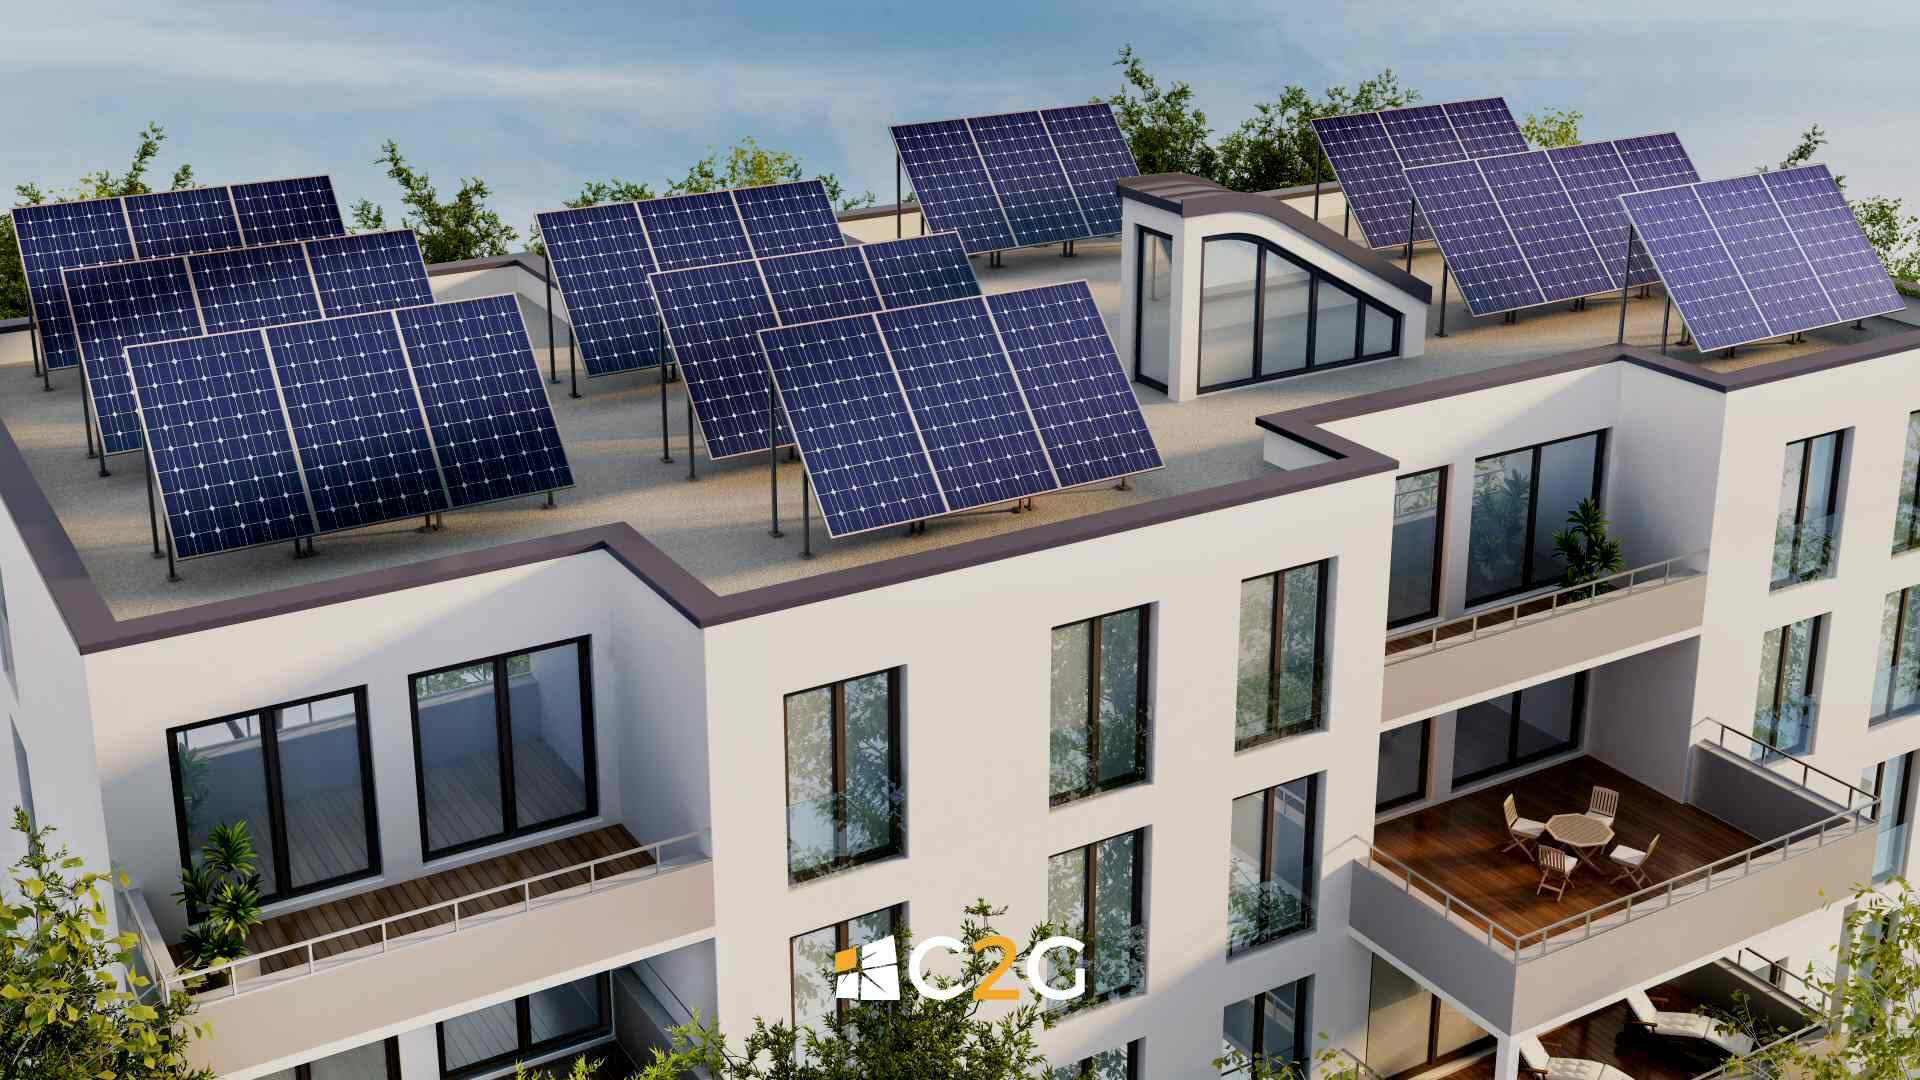 Impianto fotovoltaico hotel - C2G Solar